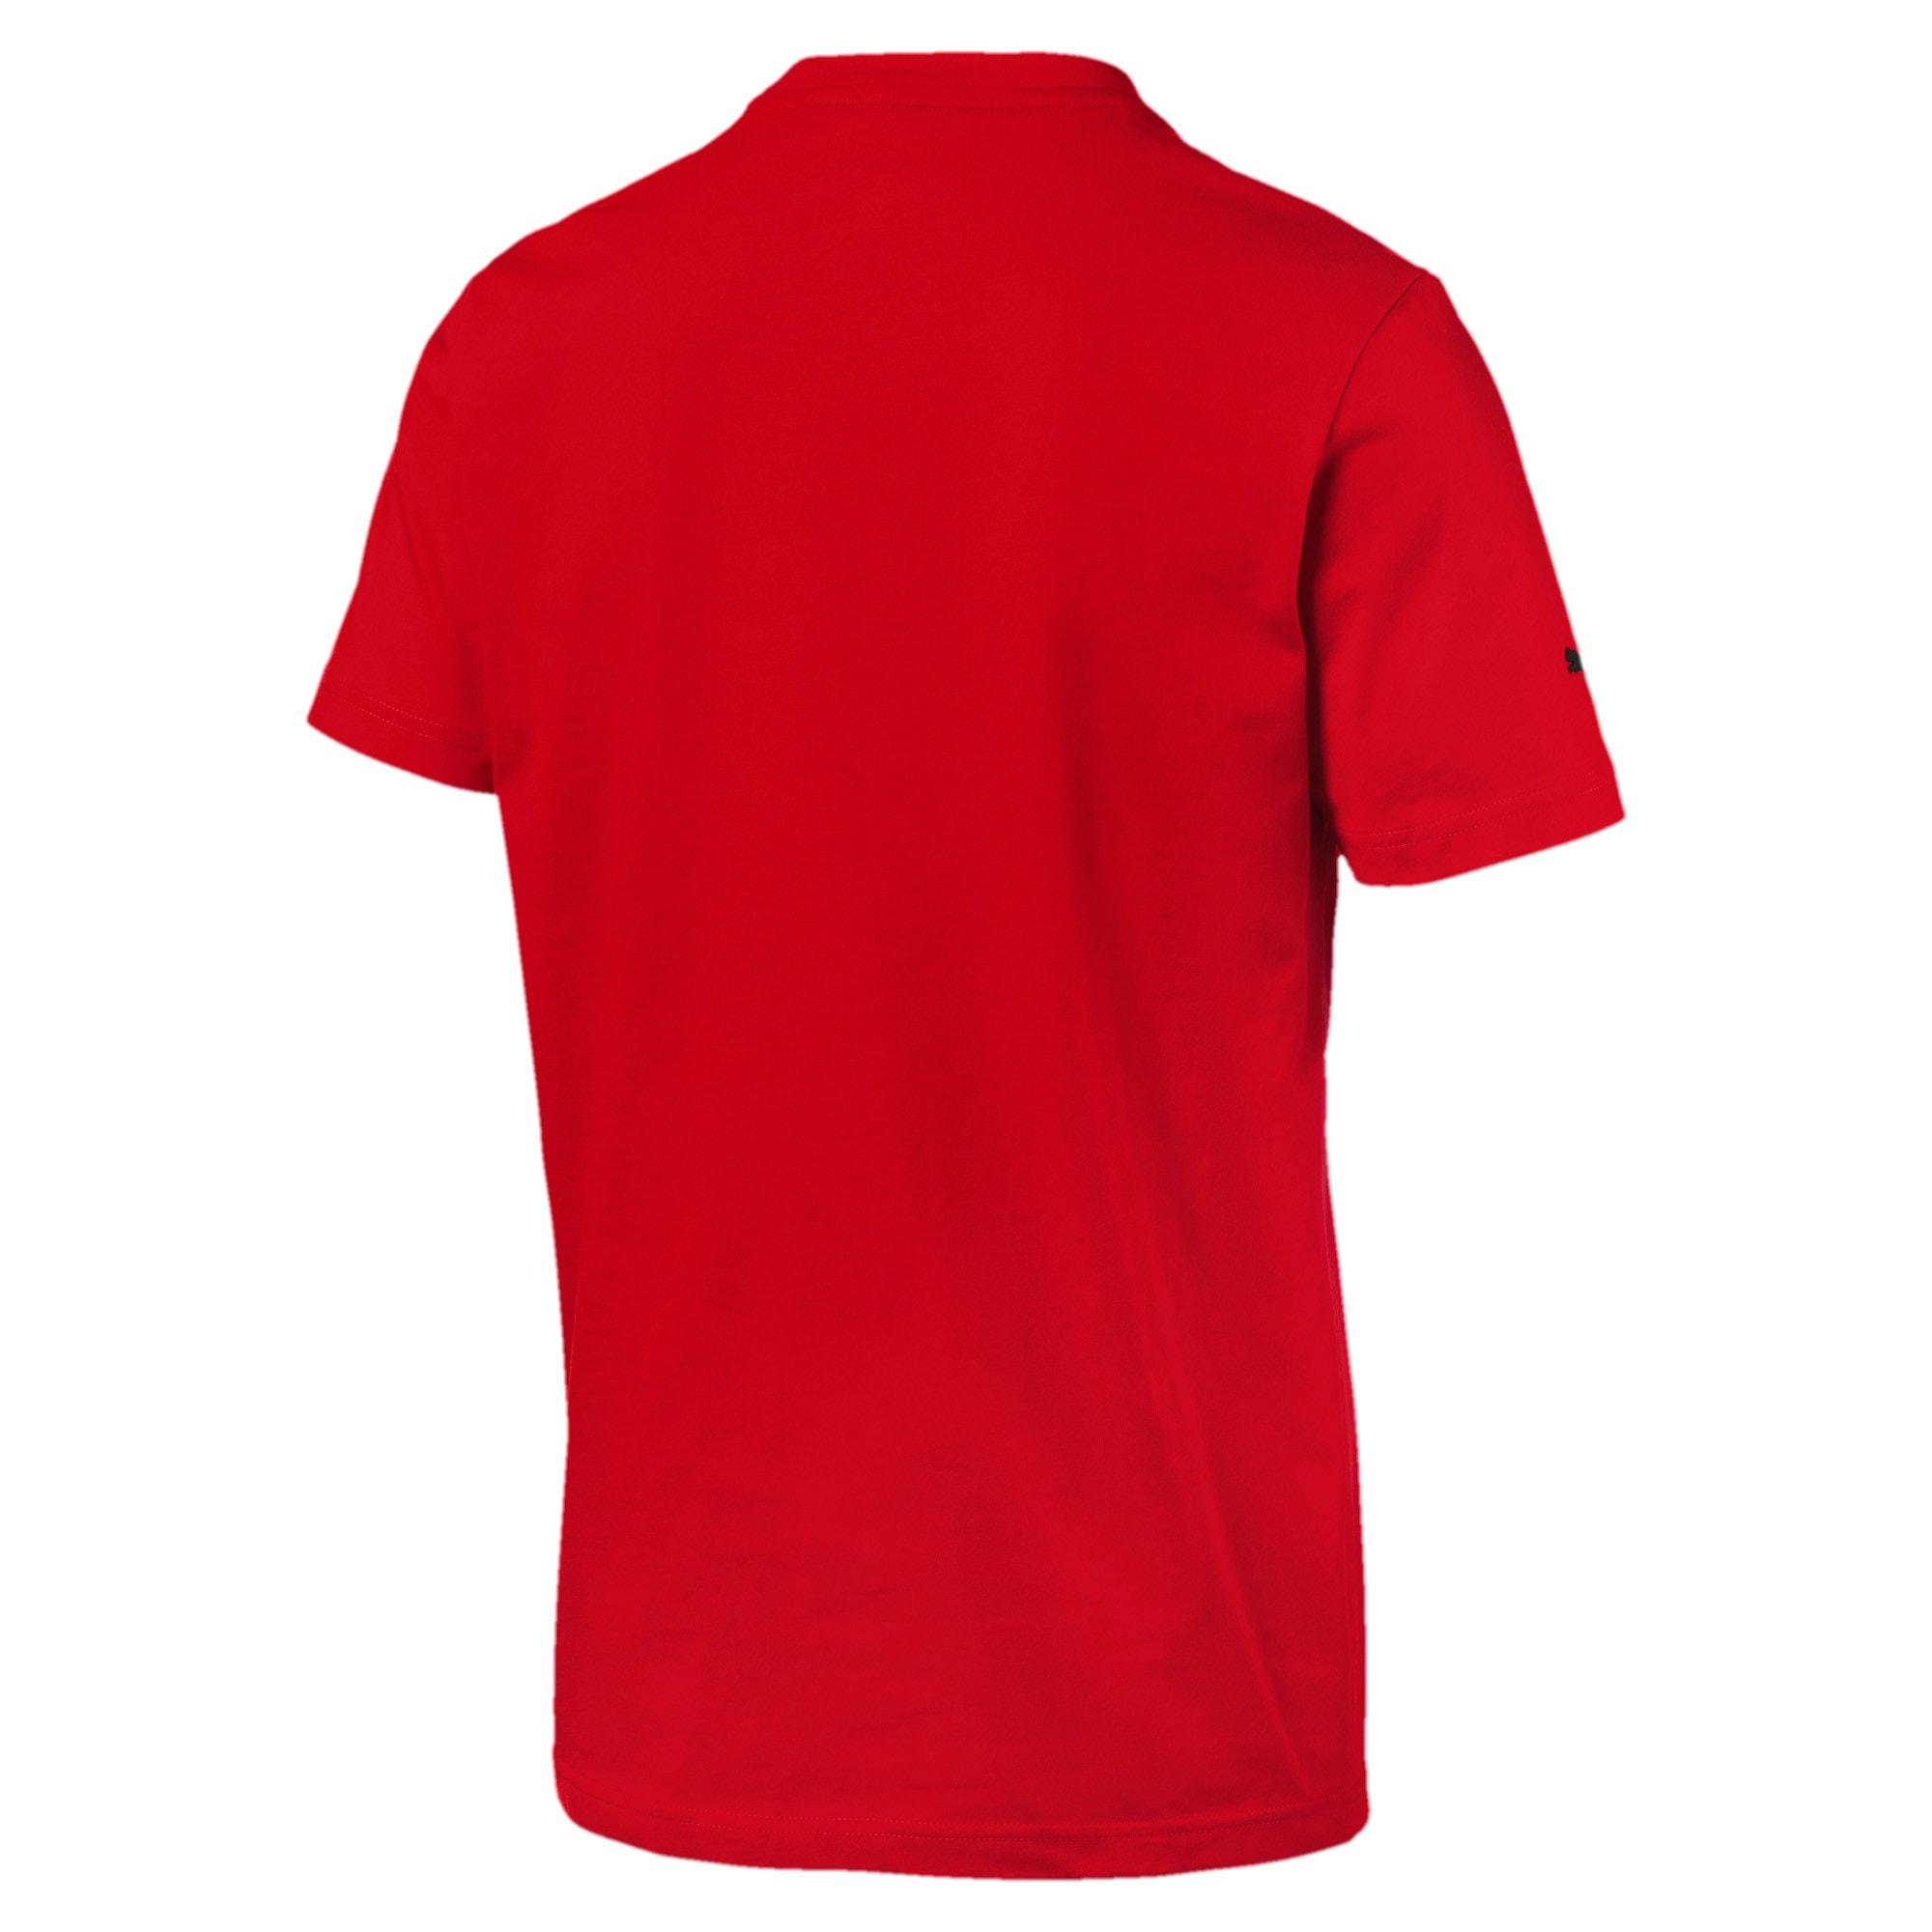 Thumbnail 3 of フェラーリ ビッグシールド Tシャツ + 半袖, Rosso Corsa, medium-JPN